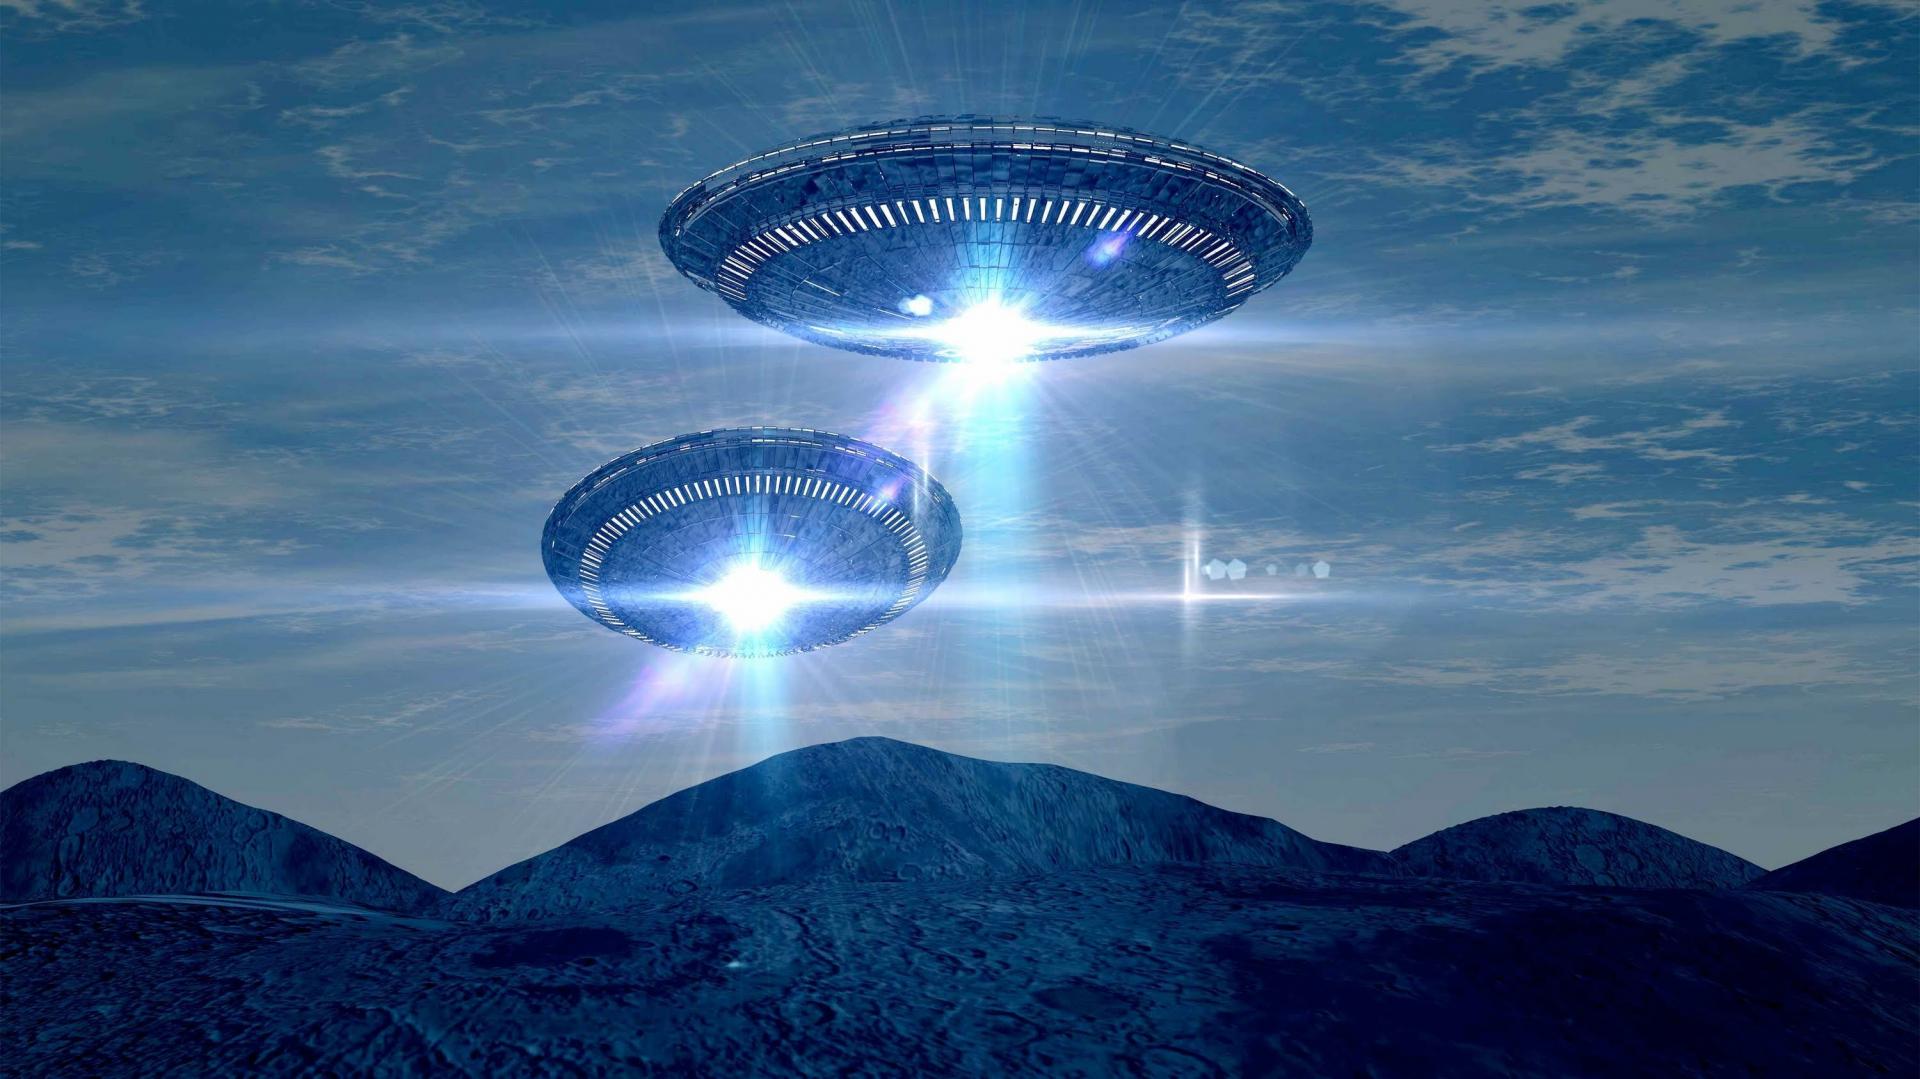 картинки летающих тарелок в космосе крайней мере